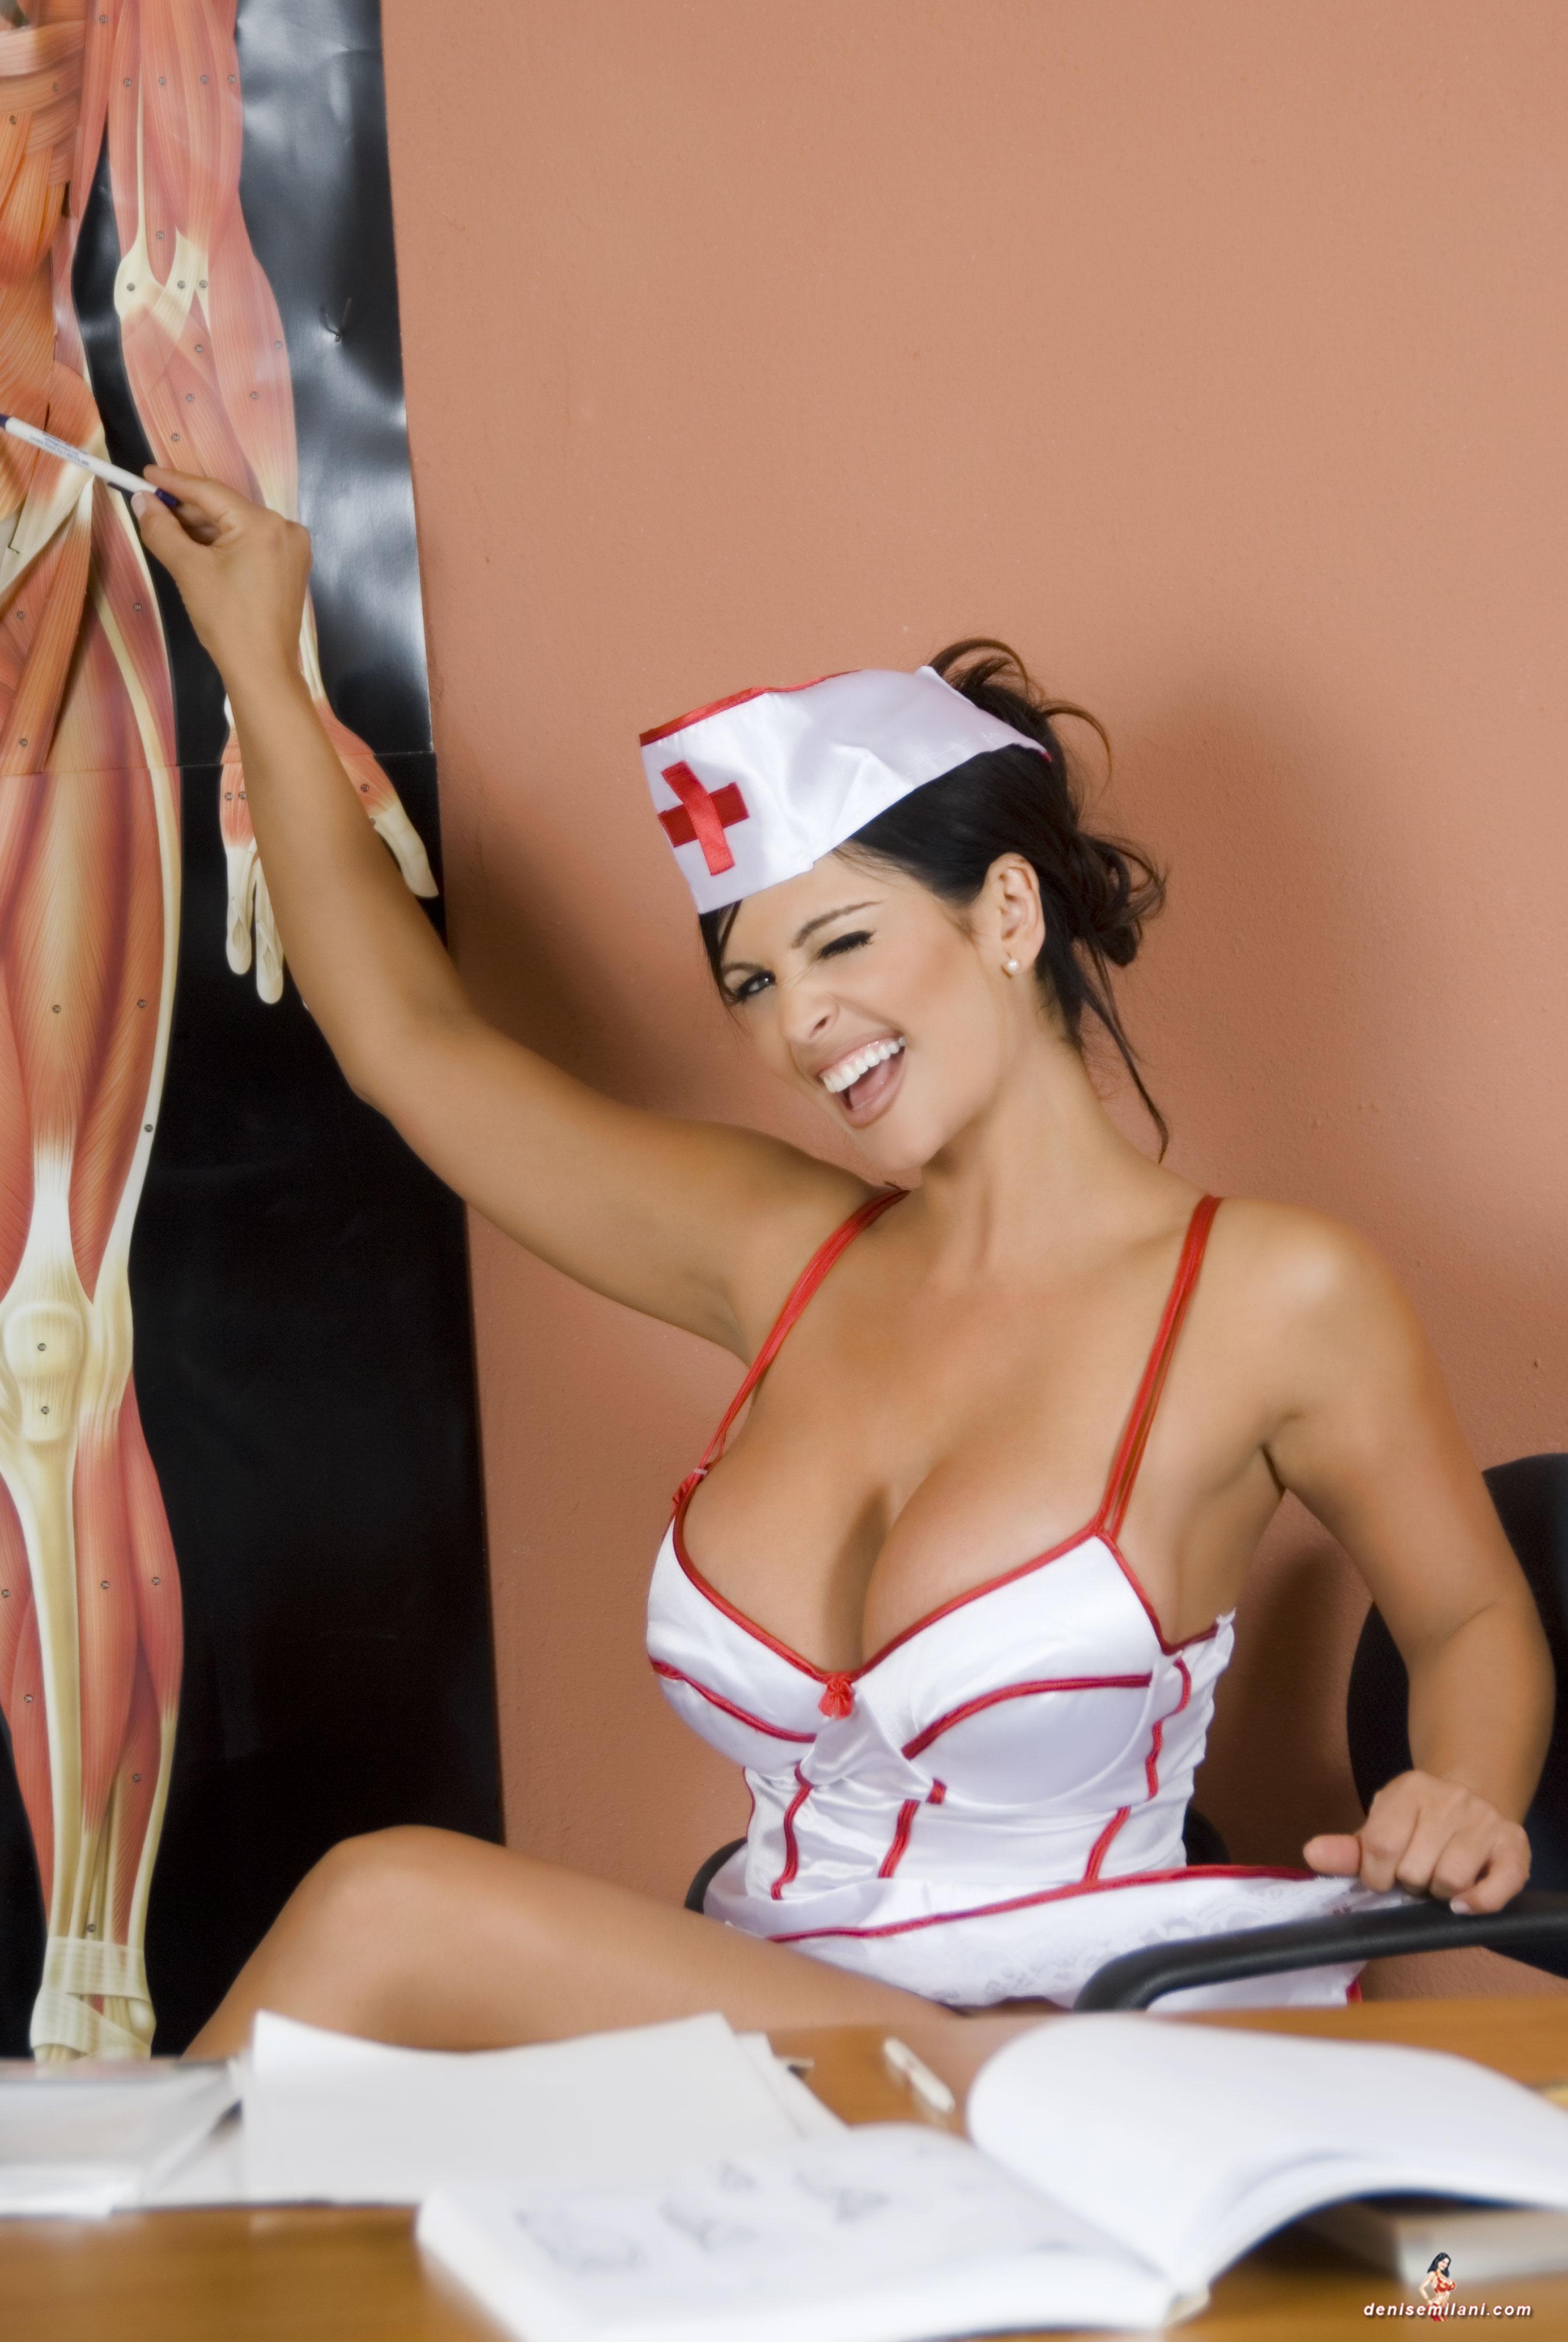 Big tit nurse starts her new job